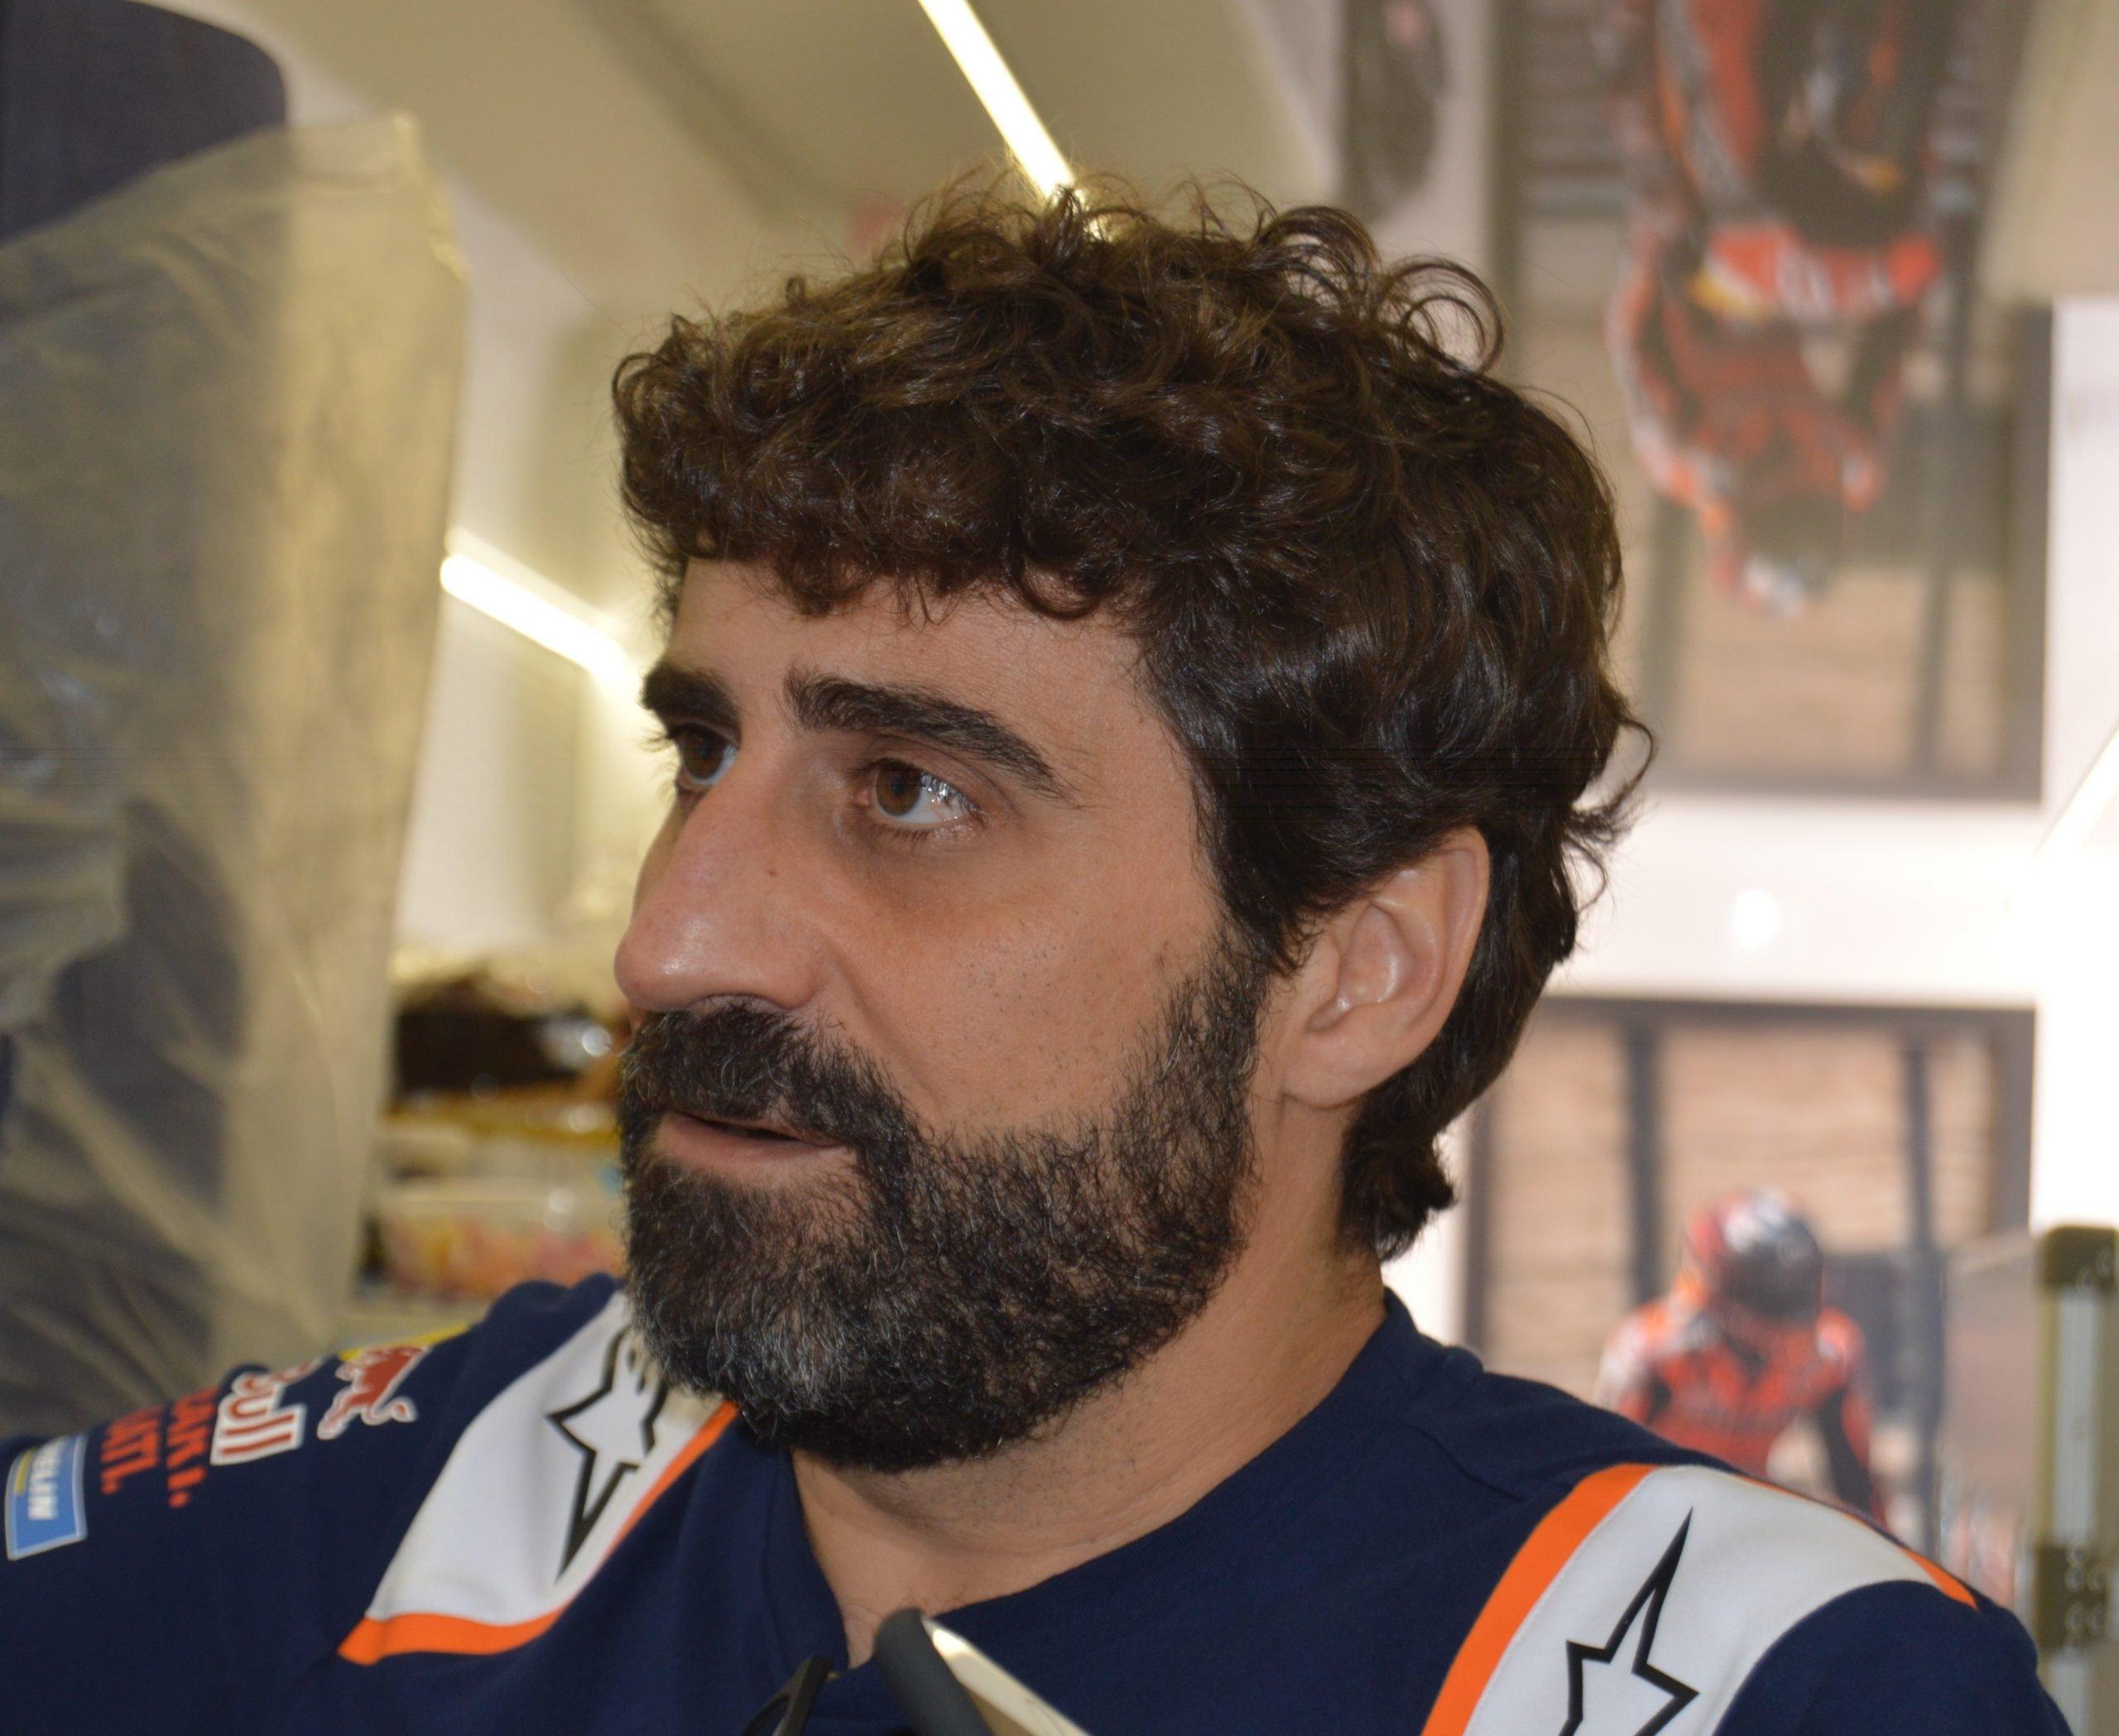 Entrevista con Santi Hernández. Lo que le lleva a MotoGP, la moto, sus rivales y su futuro.